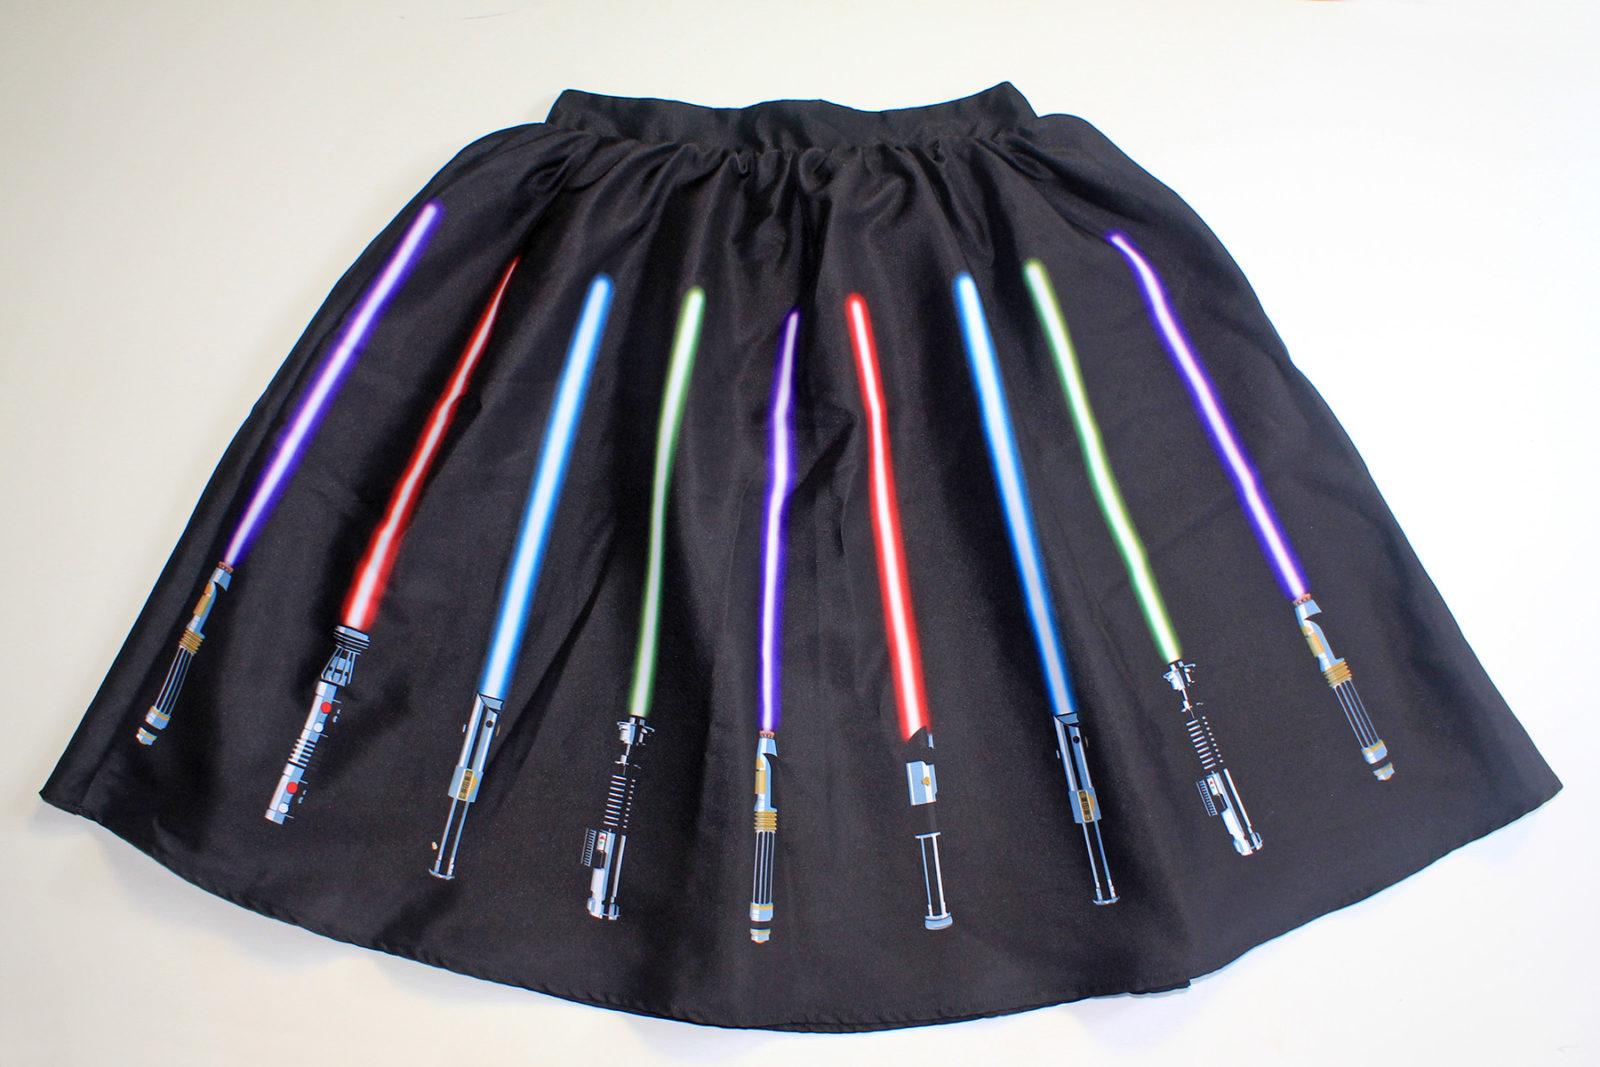 Review – Lightsaber skirt